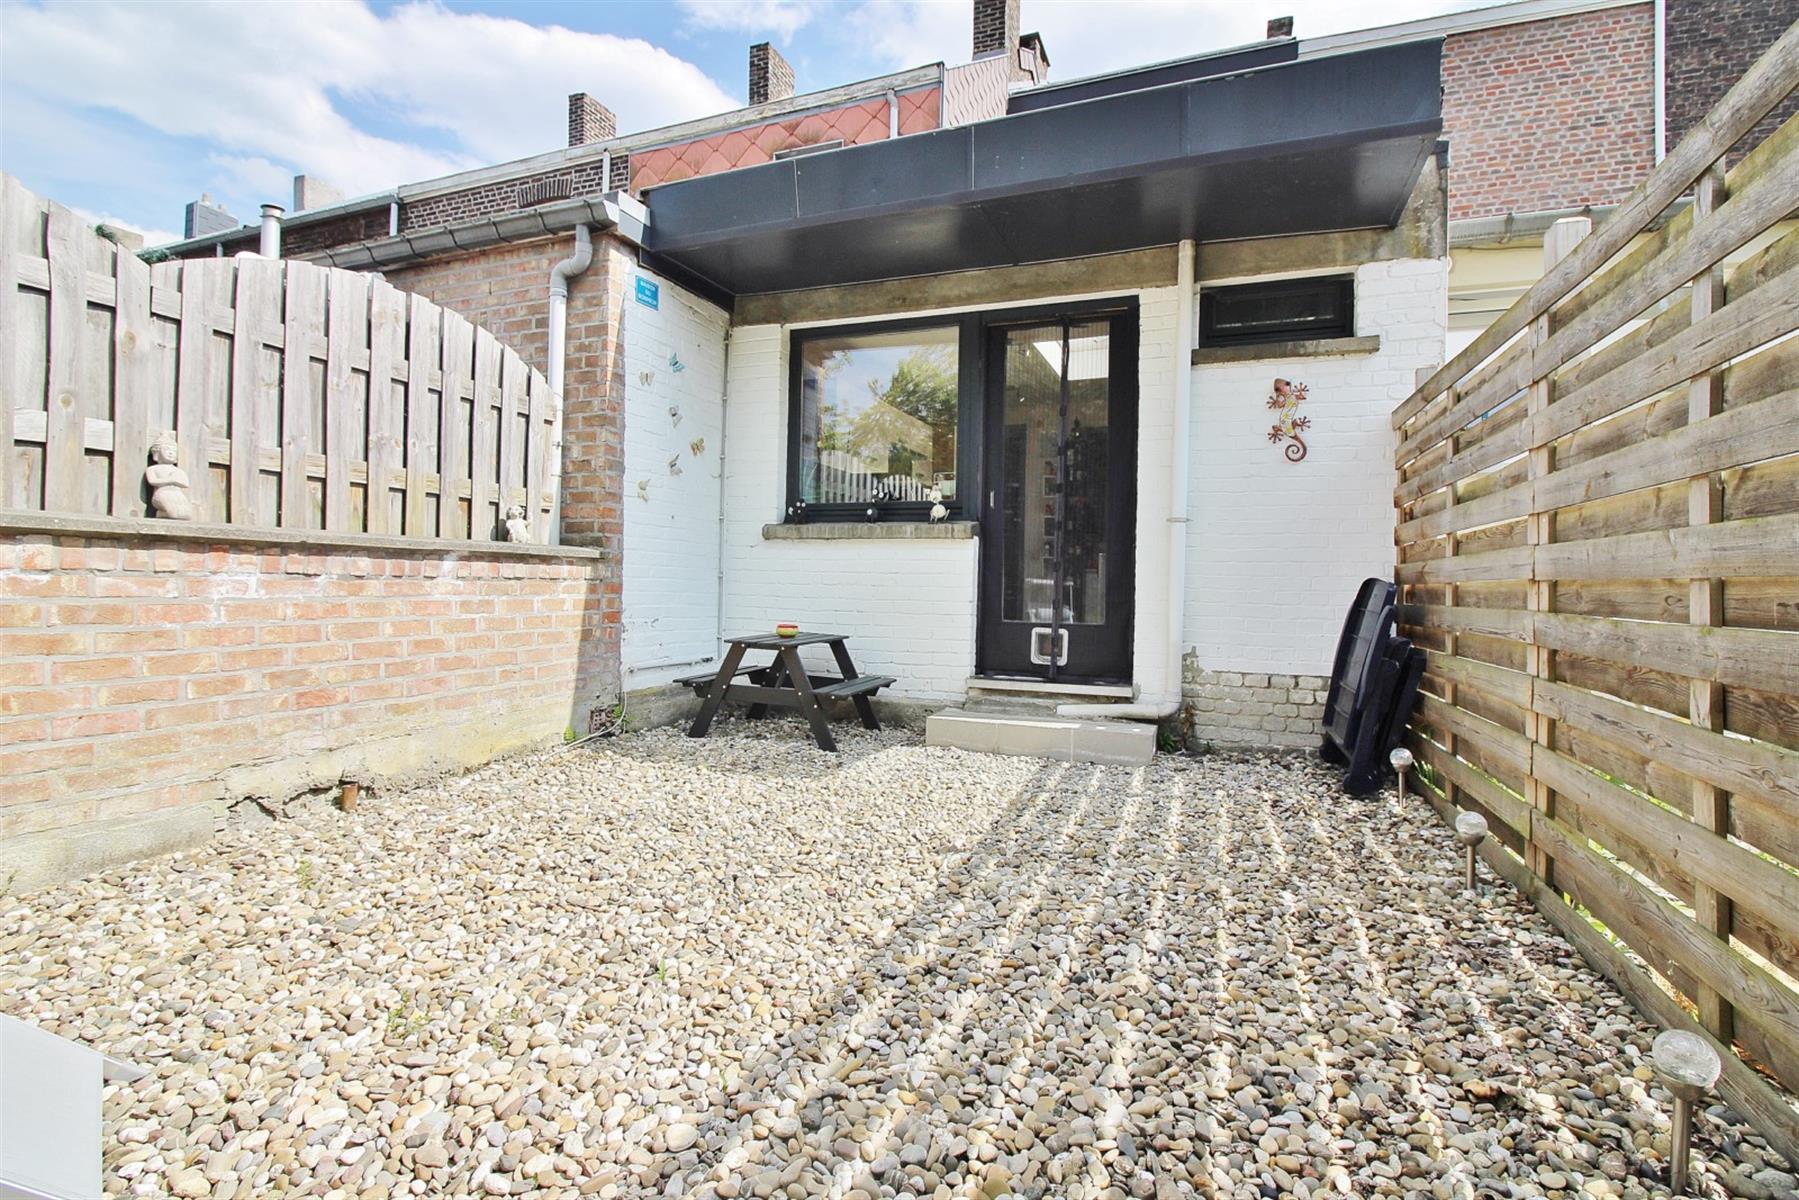 Maison - Seraing Jemeppe-sur-Meuse - #4347963-12